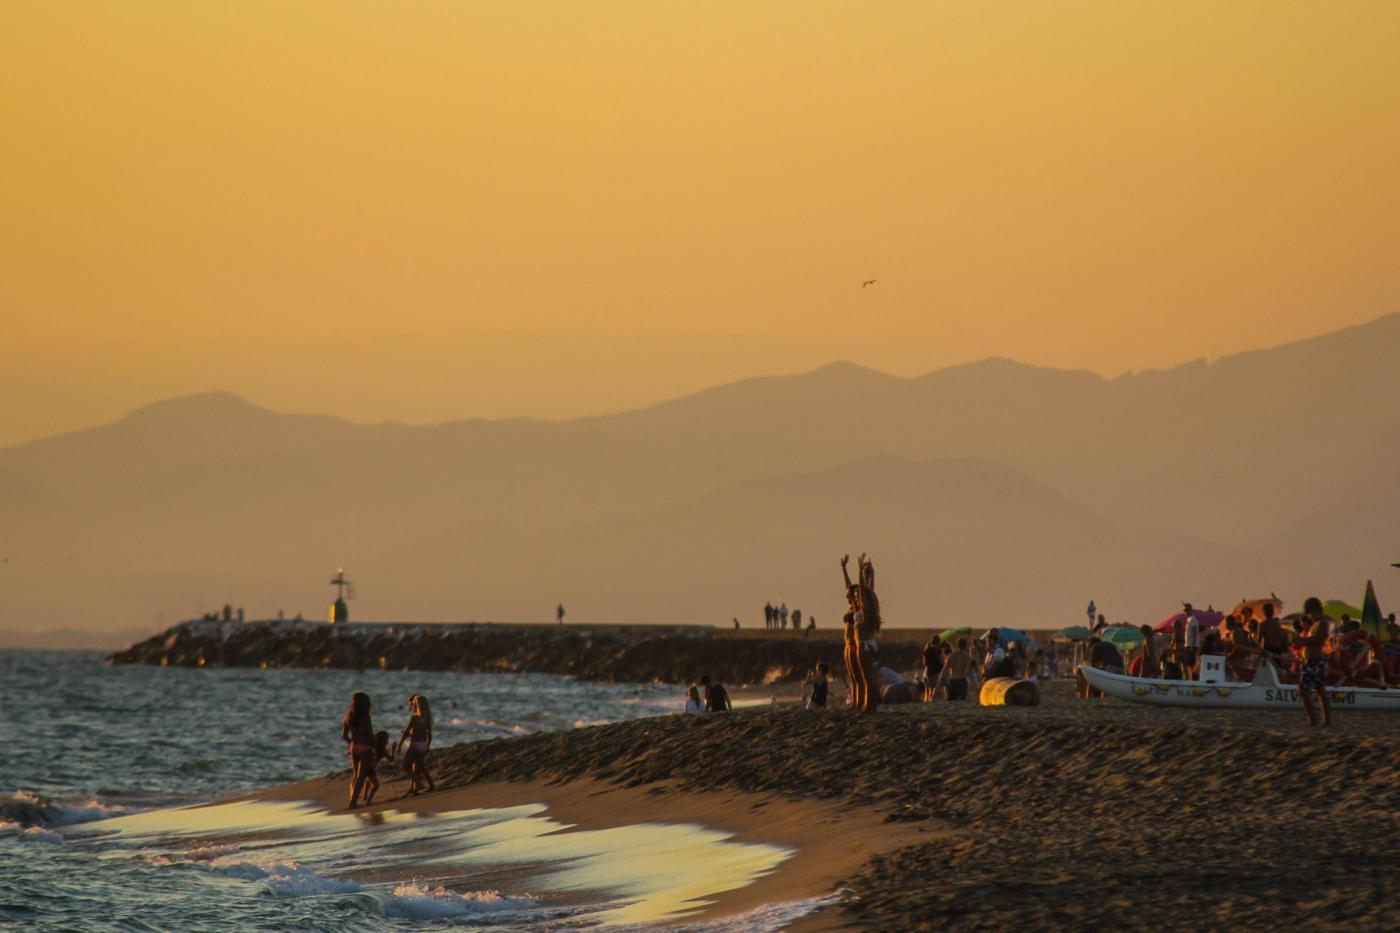 Legambiente, sulle spiagge italiane: 714 rifiuti ogni 100 metri